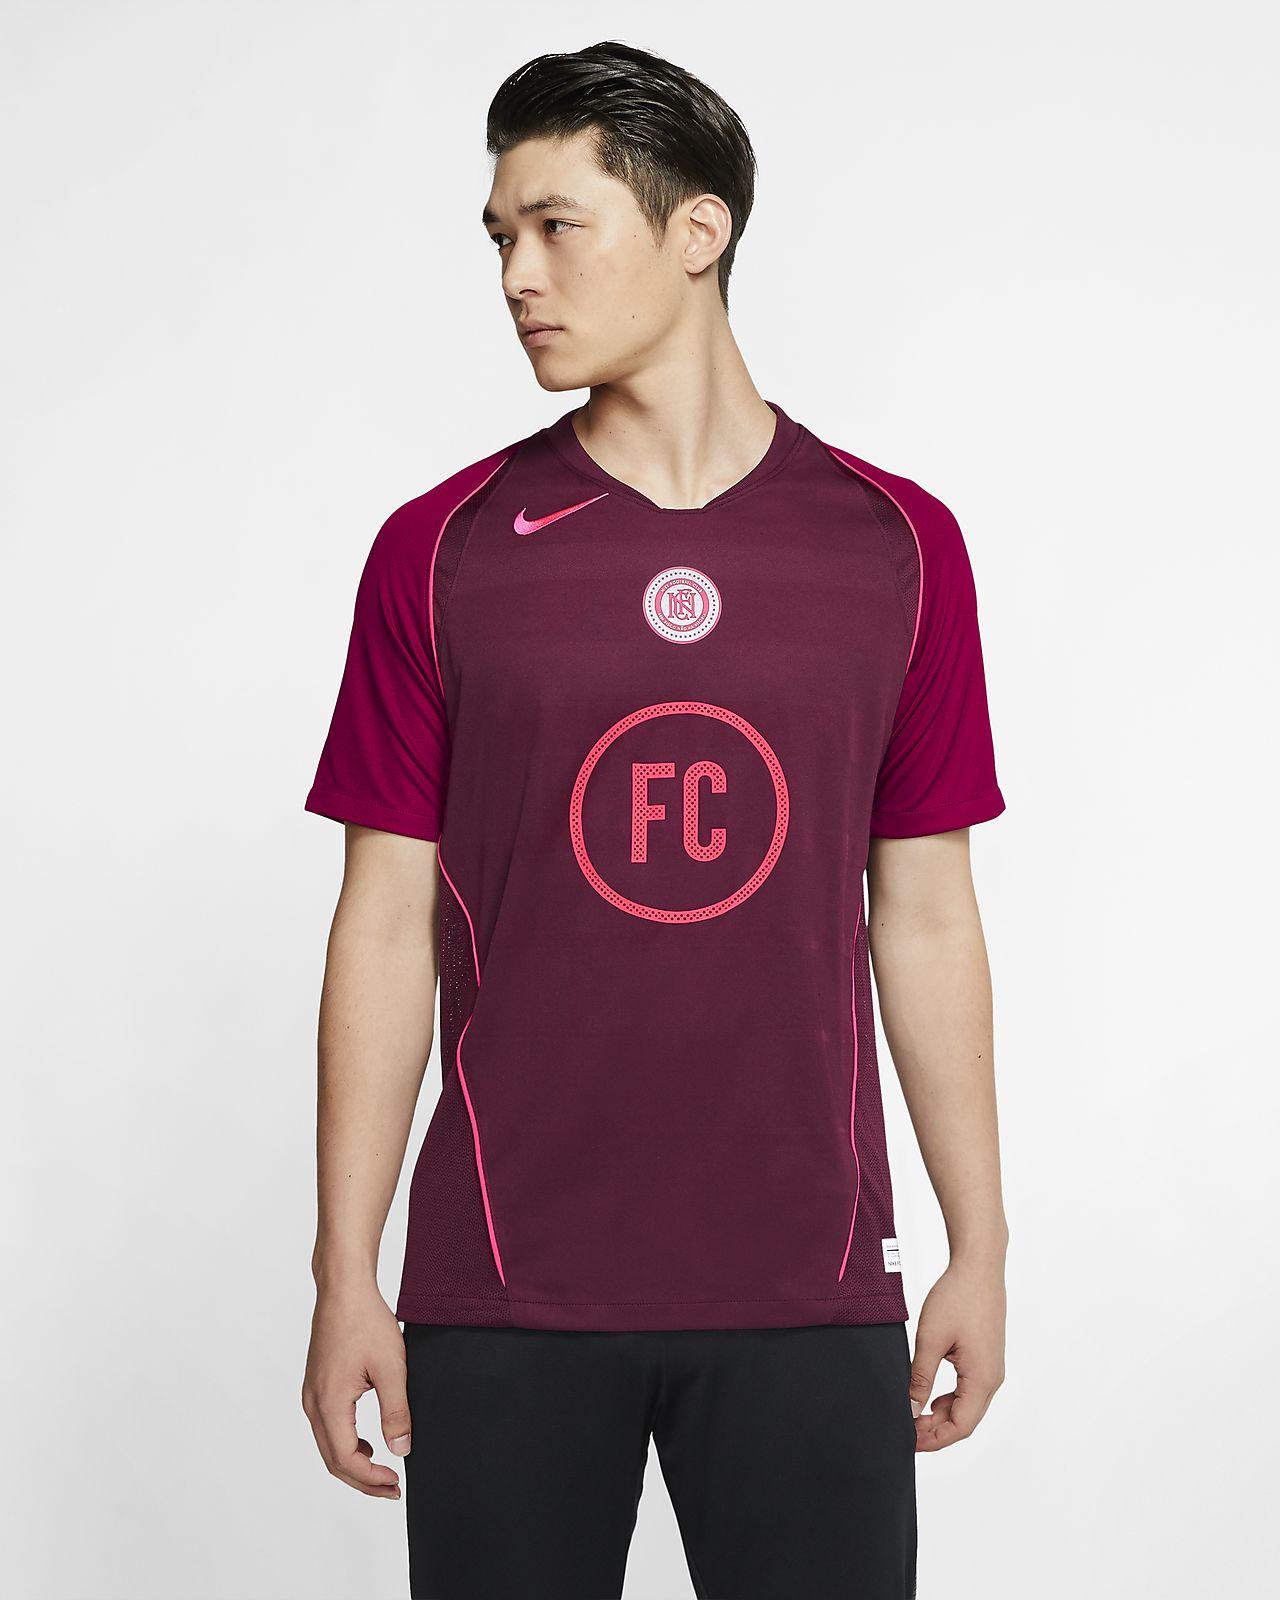 Nike F.C. 主场男子短袖足球球衣